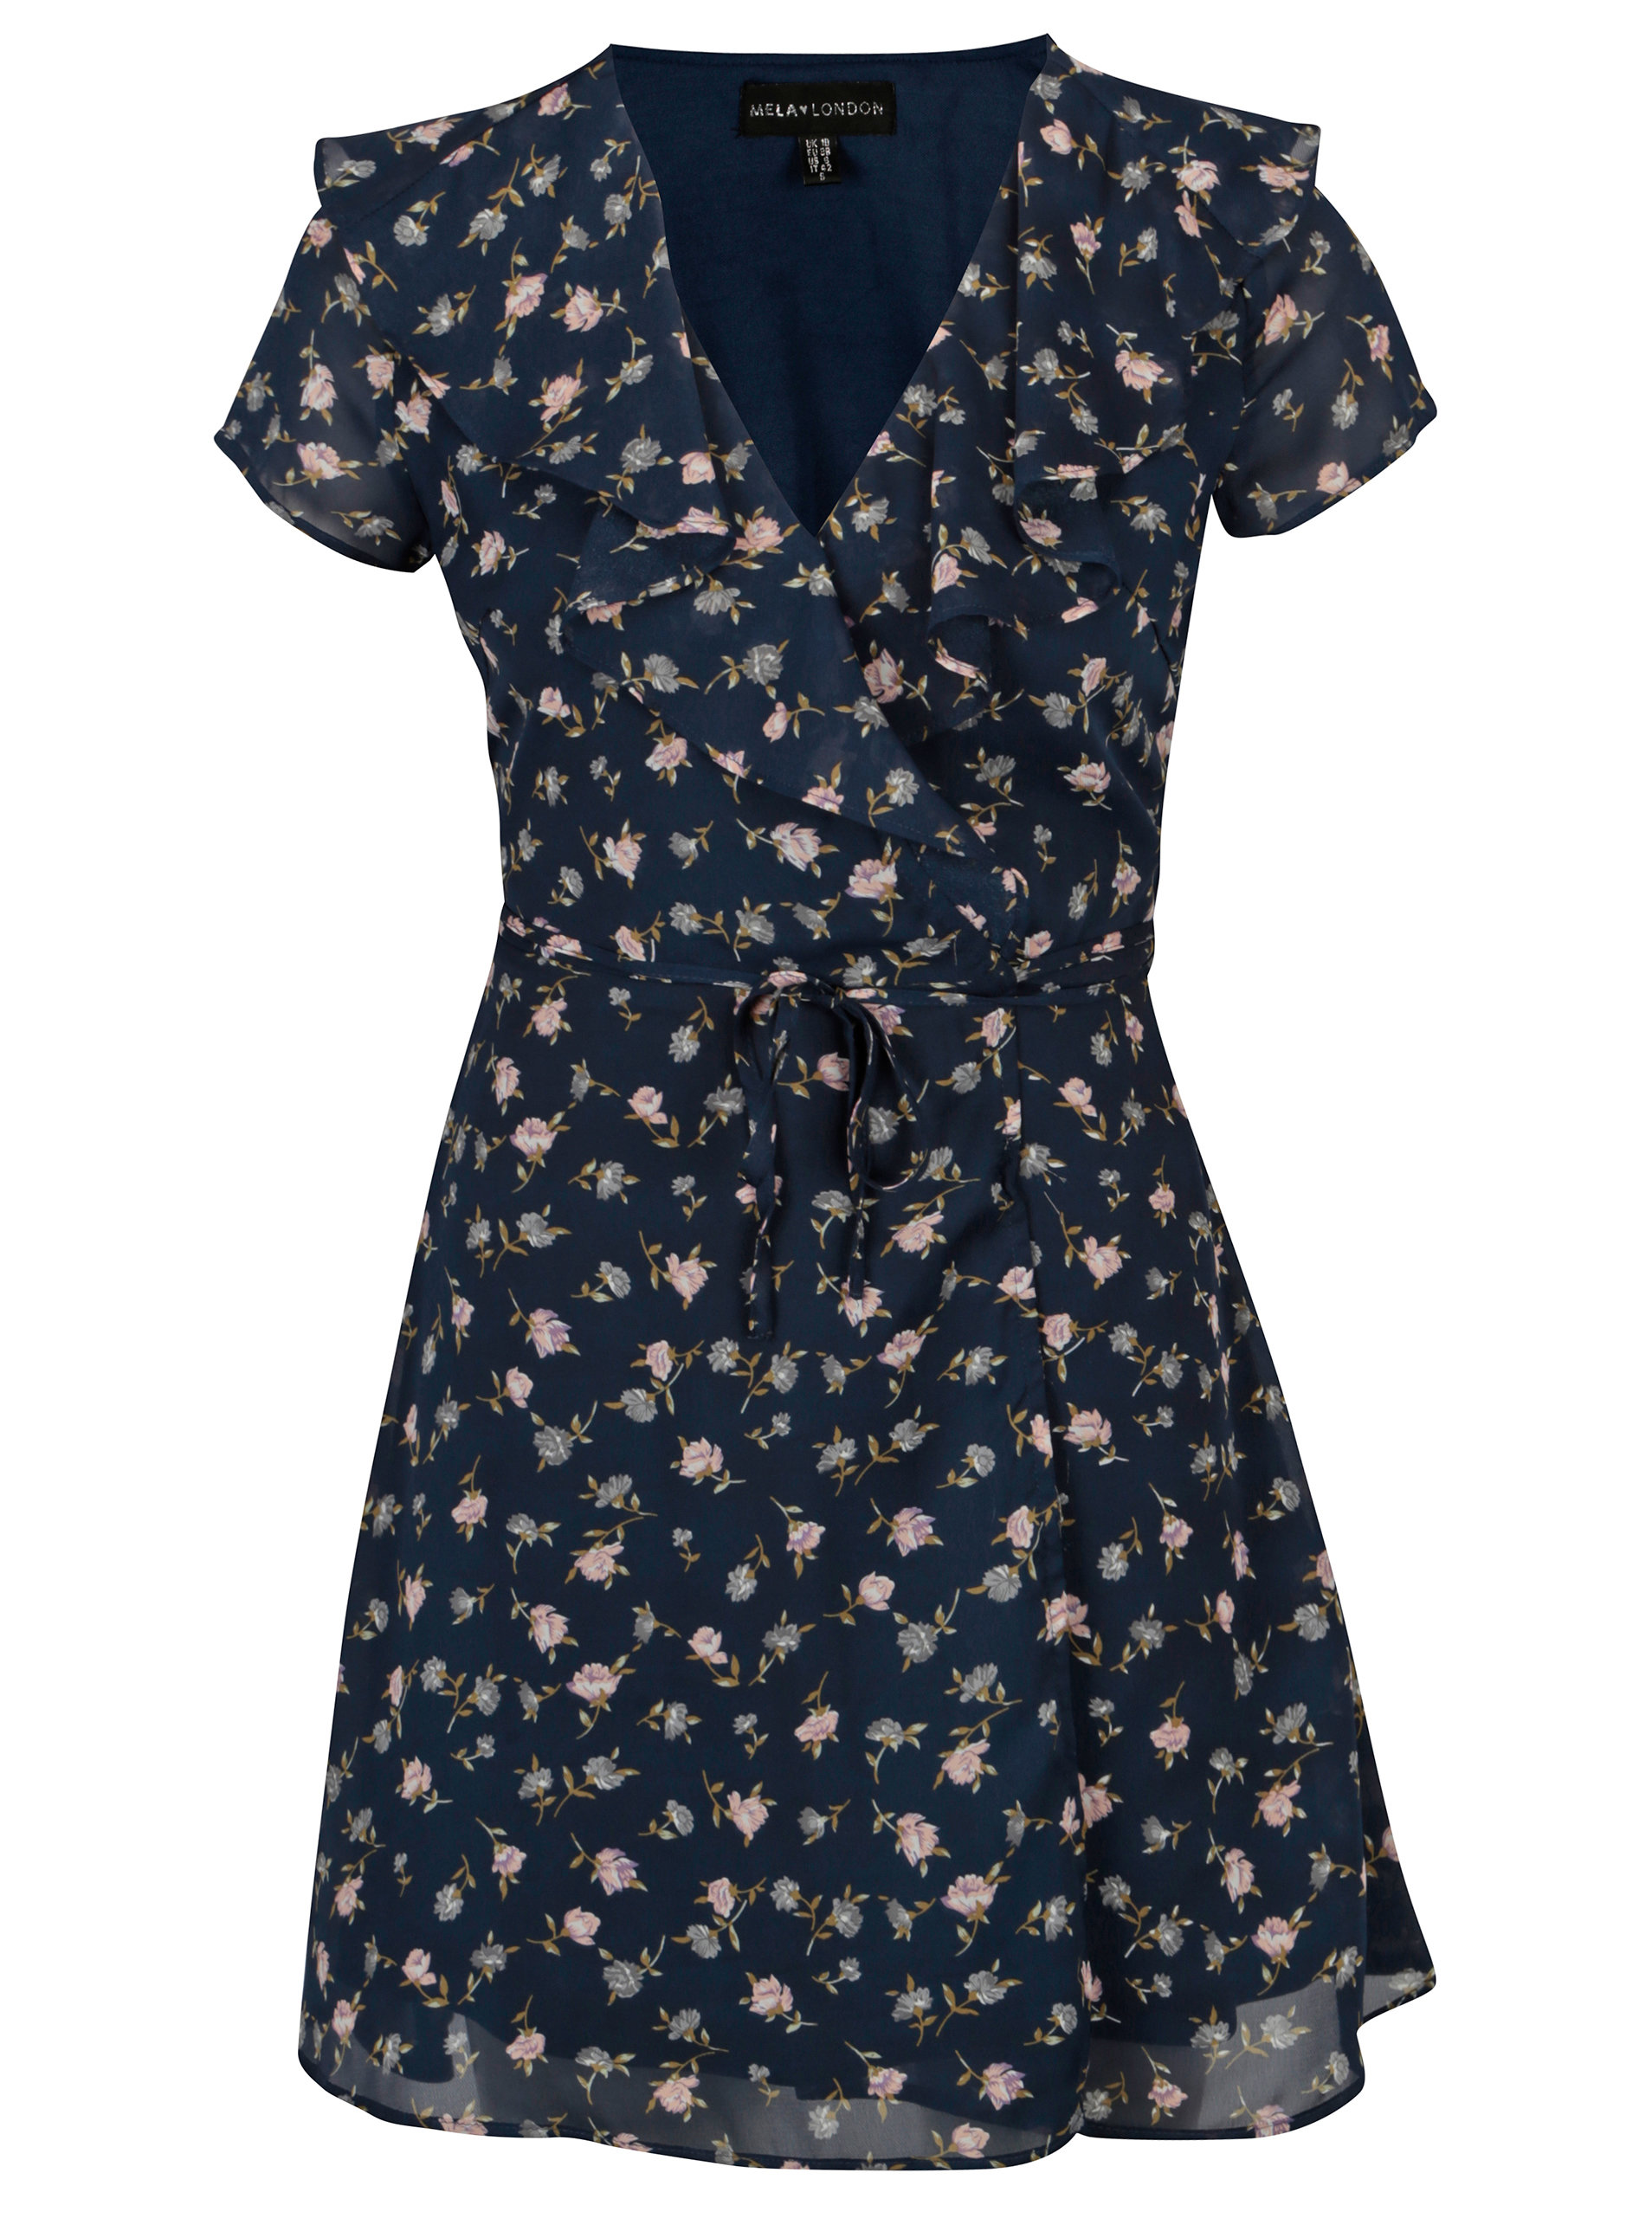 Tmavě modré květované zavinovací šaty Mela London ... 4599cef74e1